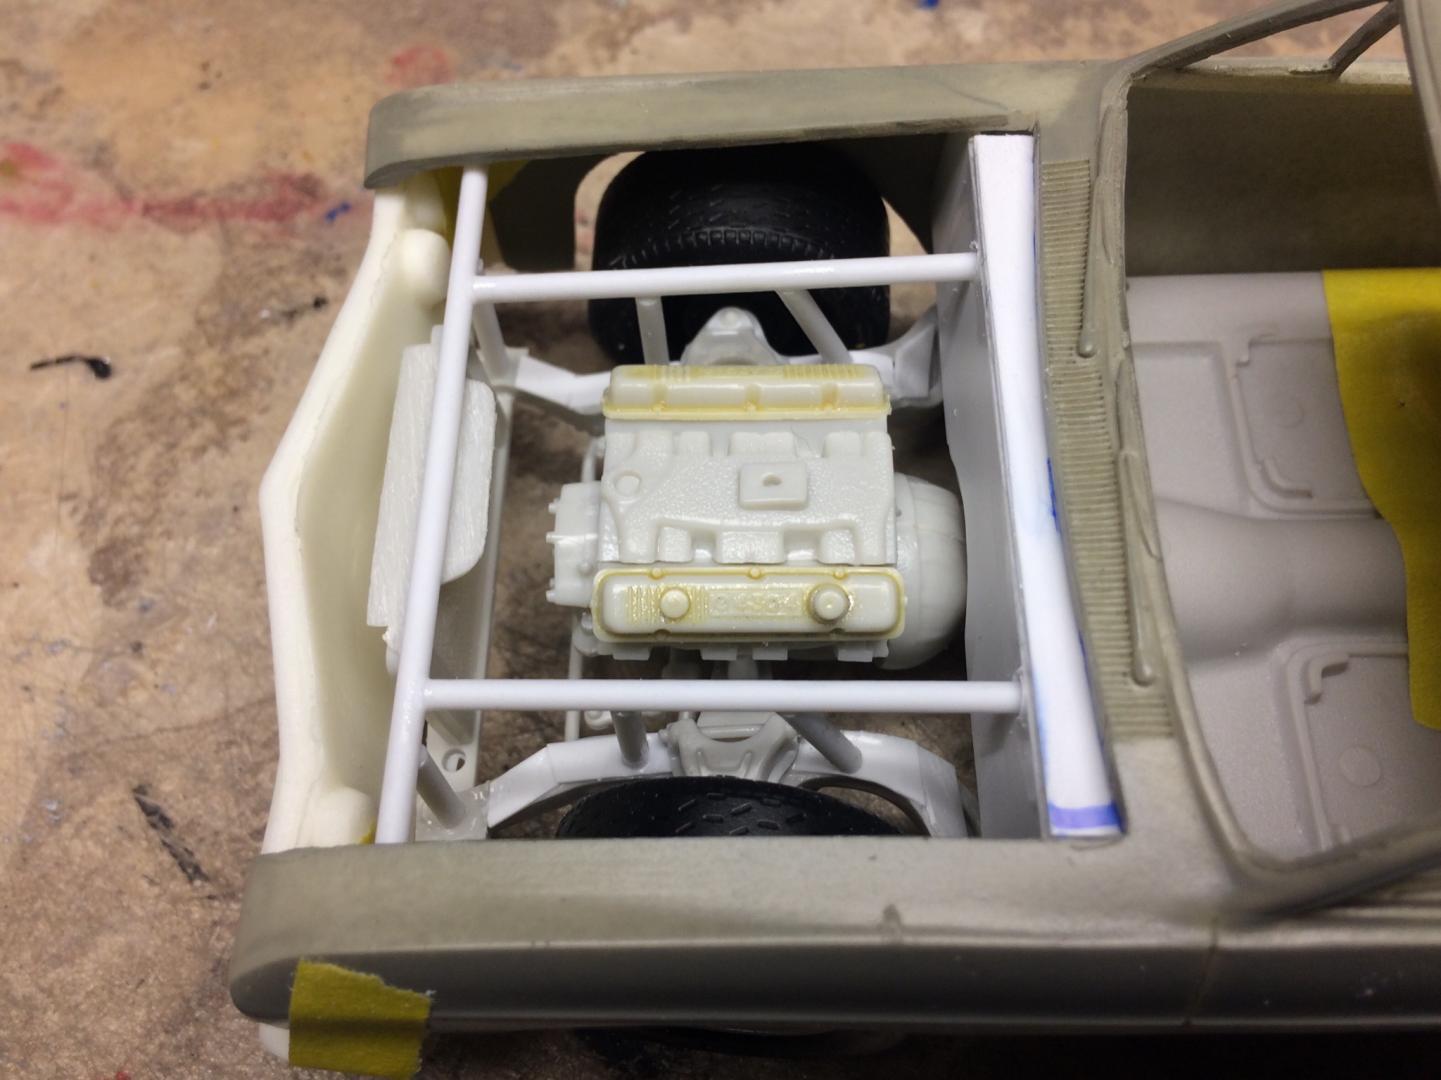 887EB948-F7FA-4F30-9AE9-9CB15990B3FE.jpeg